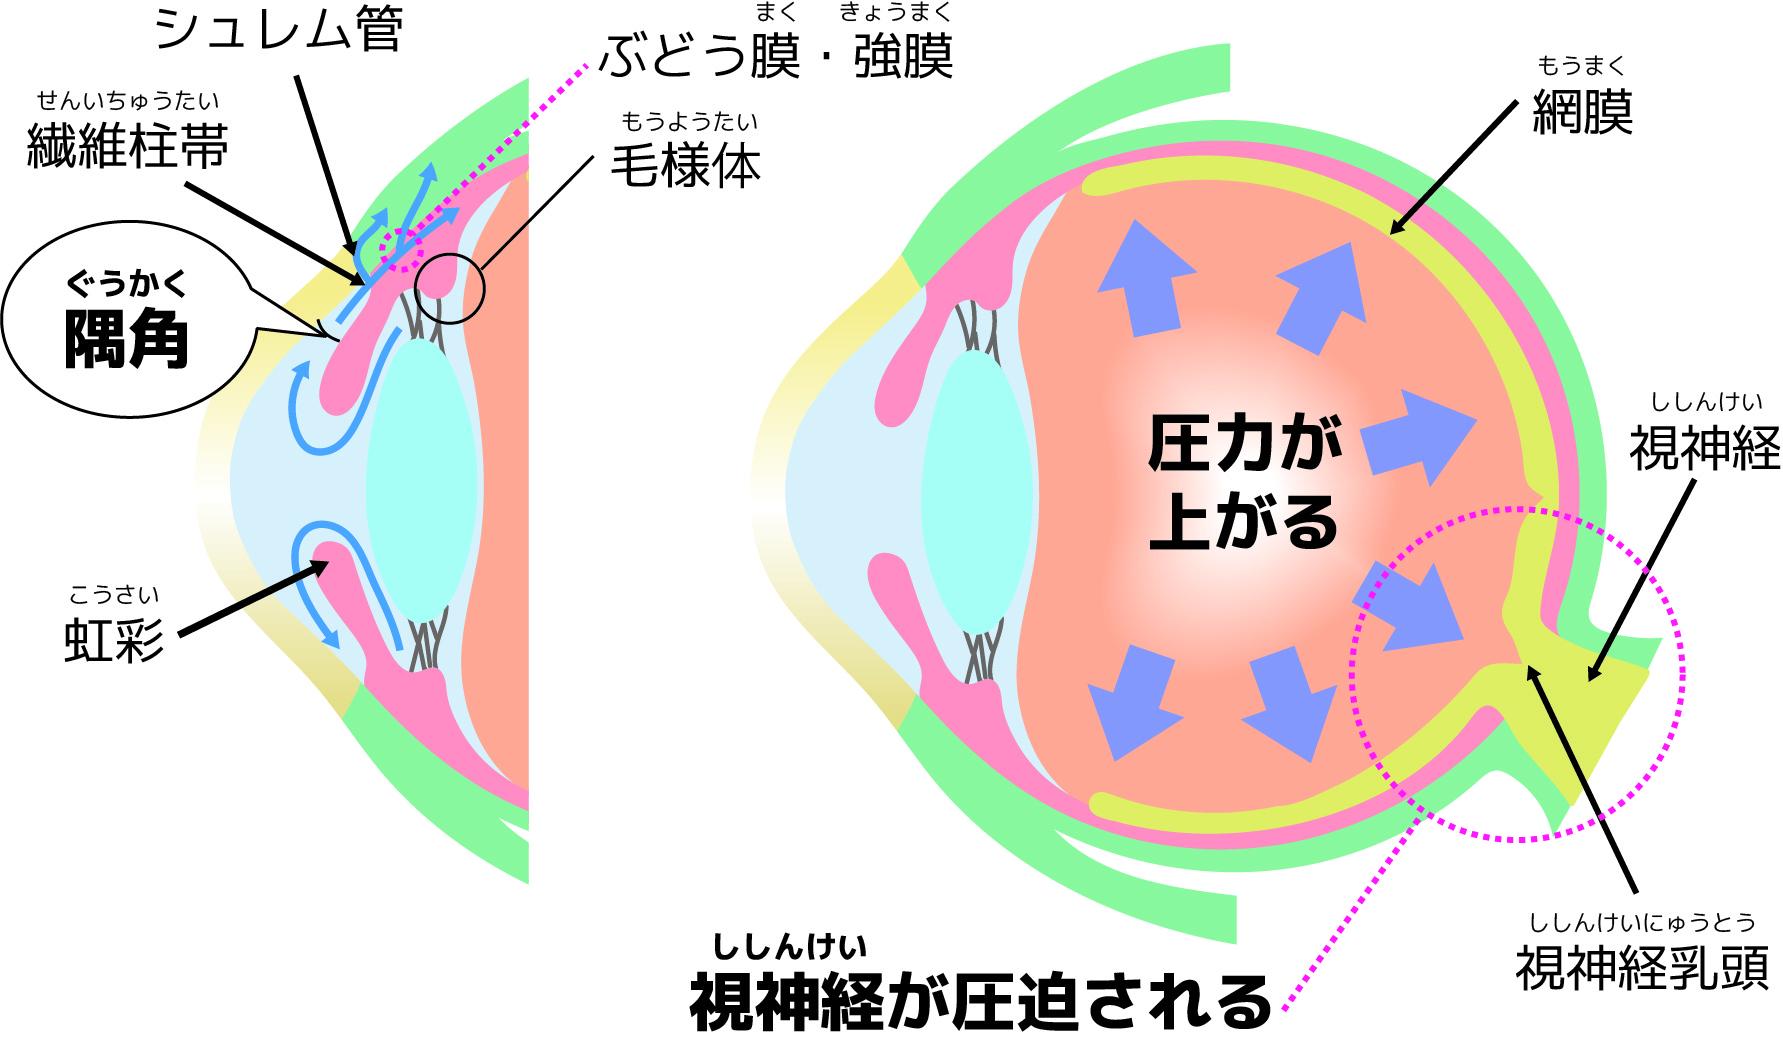 目の構造イメージ画像